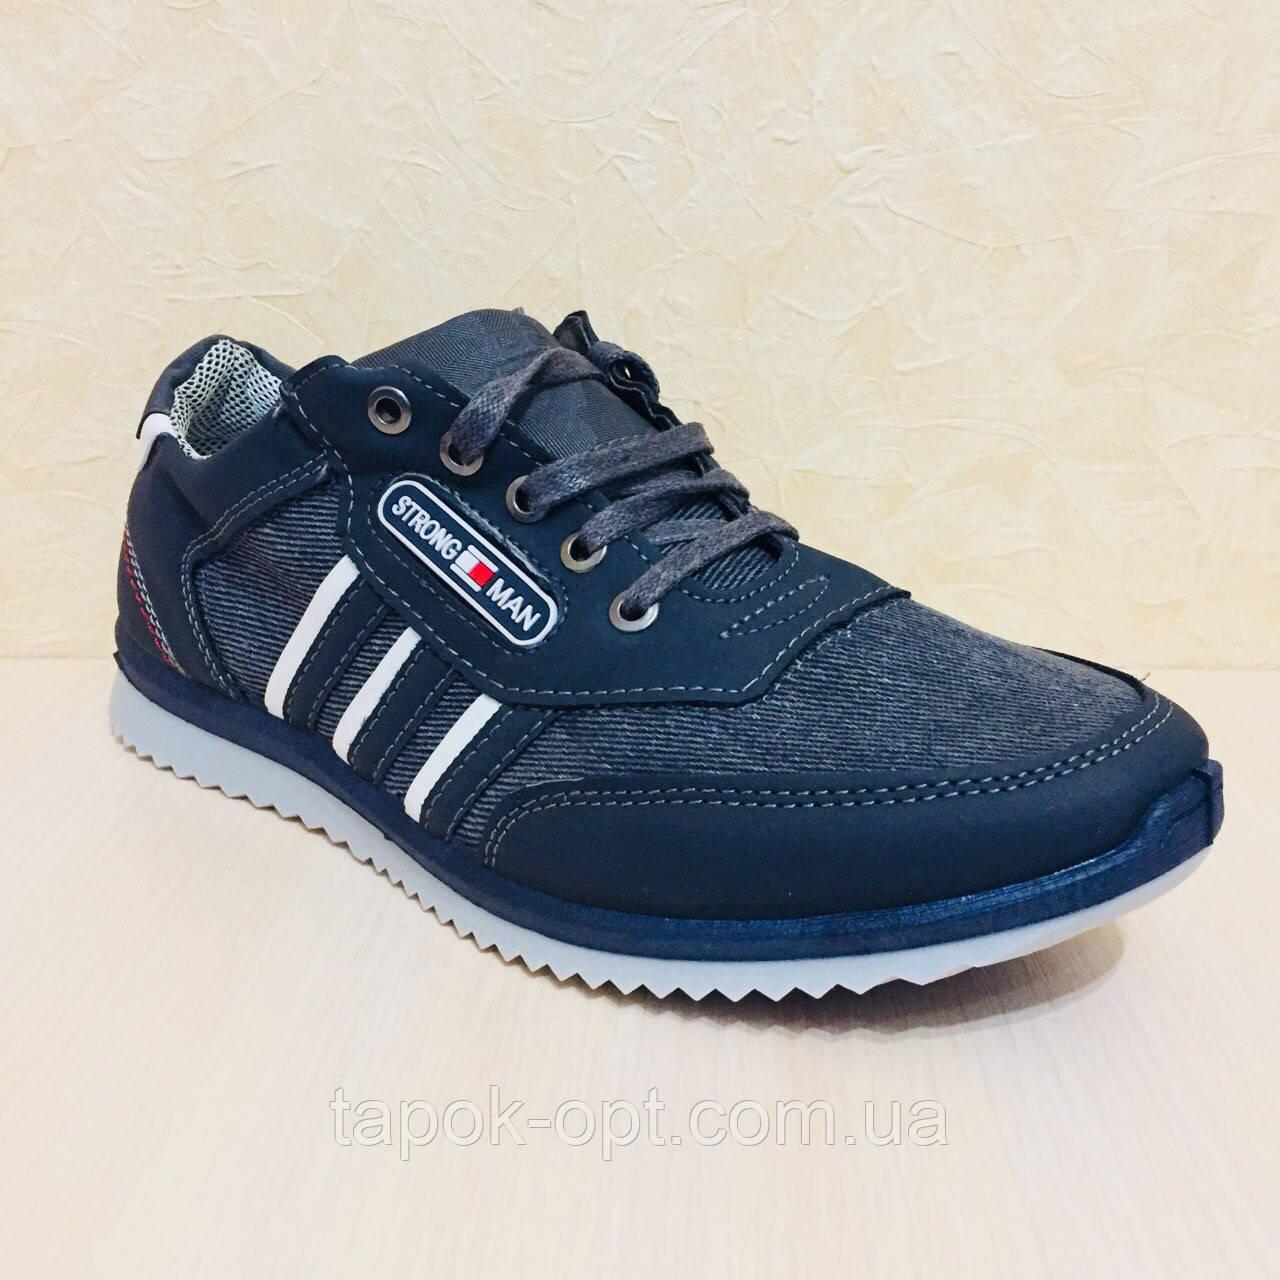 5a1458e0 Мужские кроссовки DAGO, опт: продажа, цена в Житомире. кроссовки ...